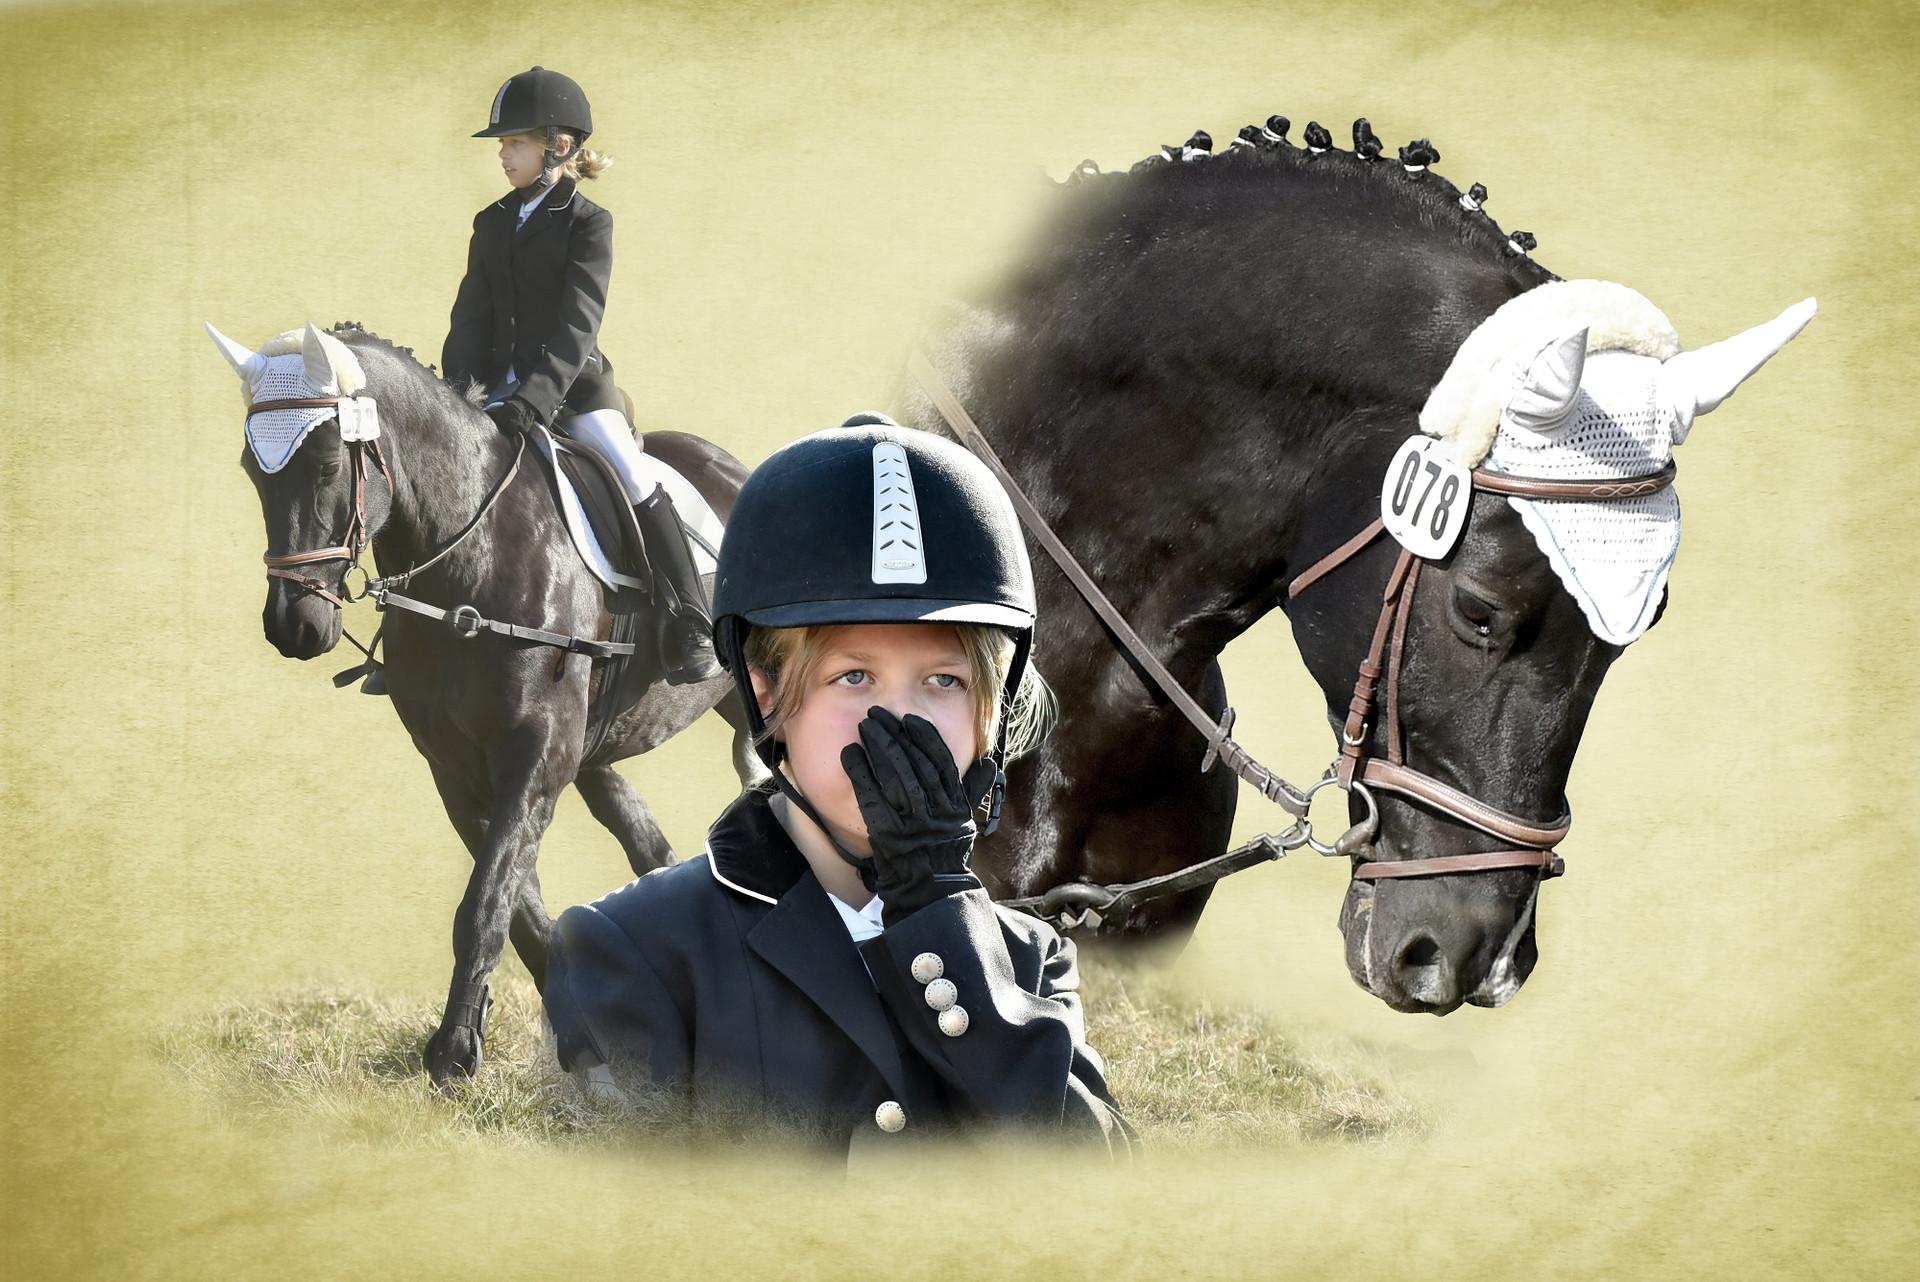 Turnier Anke Dehn Reiterhof Teicha Dressur Fotografie Pferd Hengst Collage Hannoveraner Eskadron reiten Halle Saale Kind